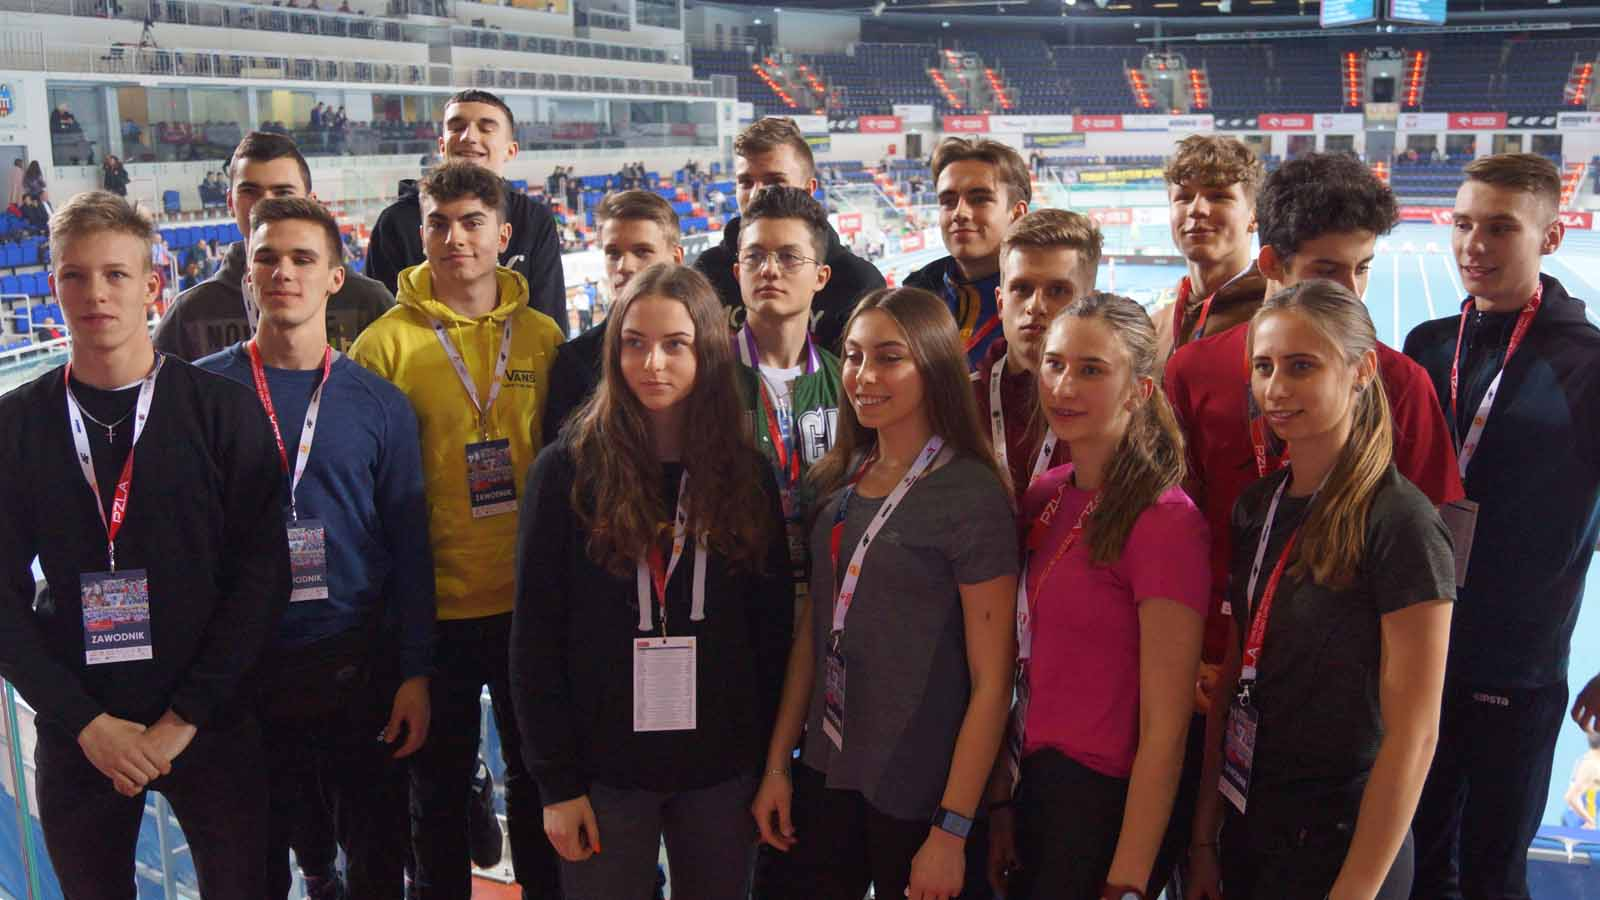 Medale, finałowe pozycje i inne występy lekkoatletów Stali LA Ostrów w Halowych Mistrzostwach Polski U20 i U18 – aż 18 reprezentantów Klubu